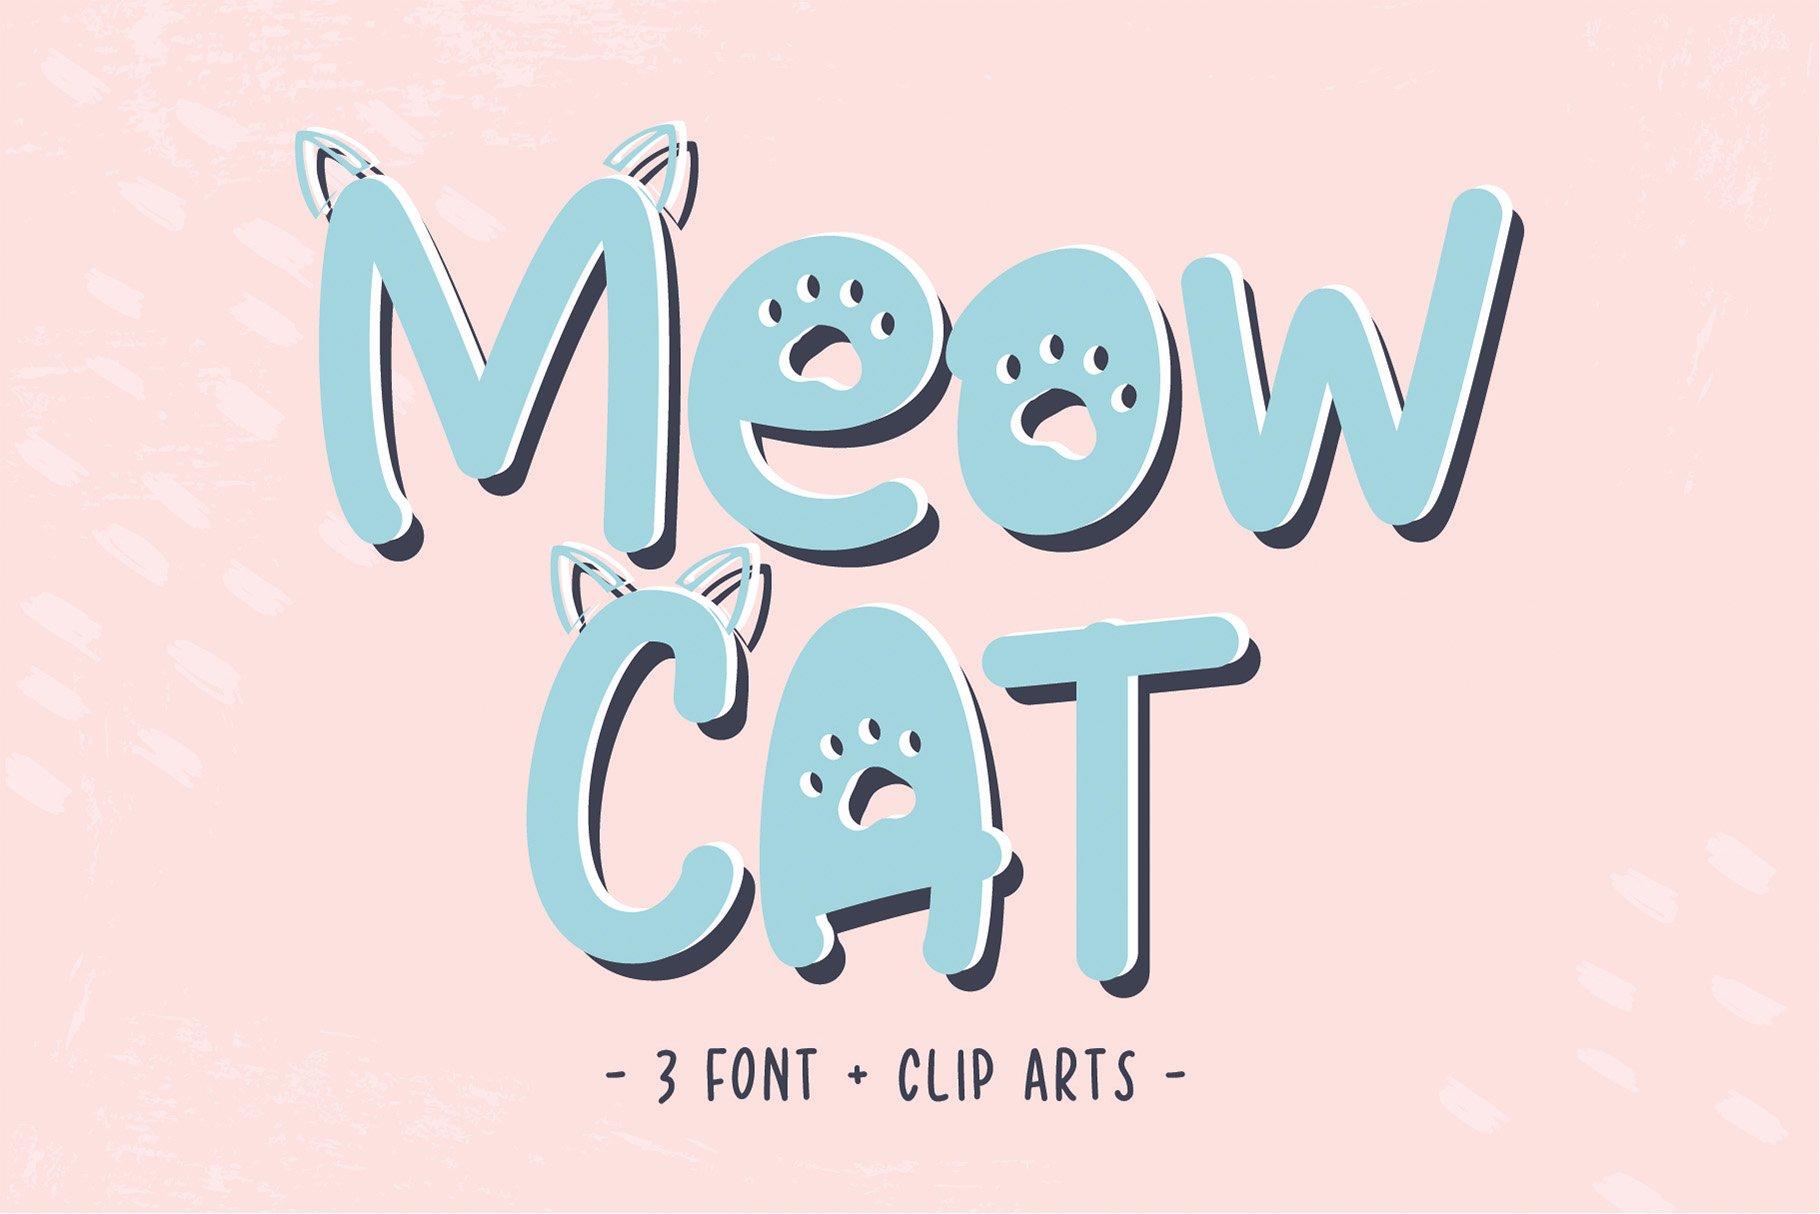 Cat Meow - 3 Font Plus Bonus Clip Arts example image 1